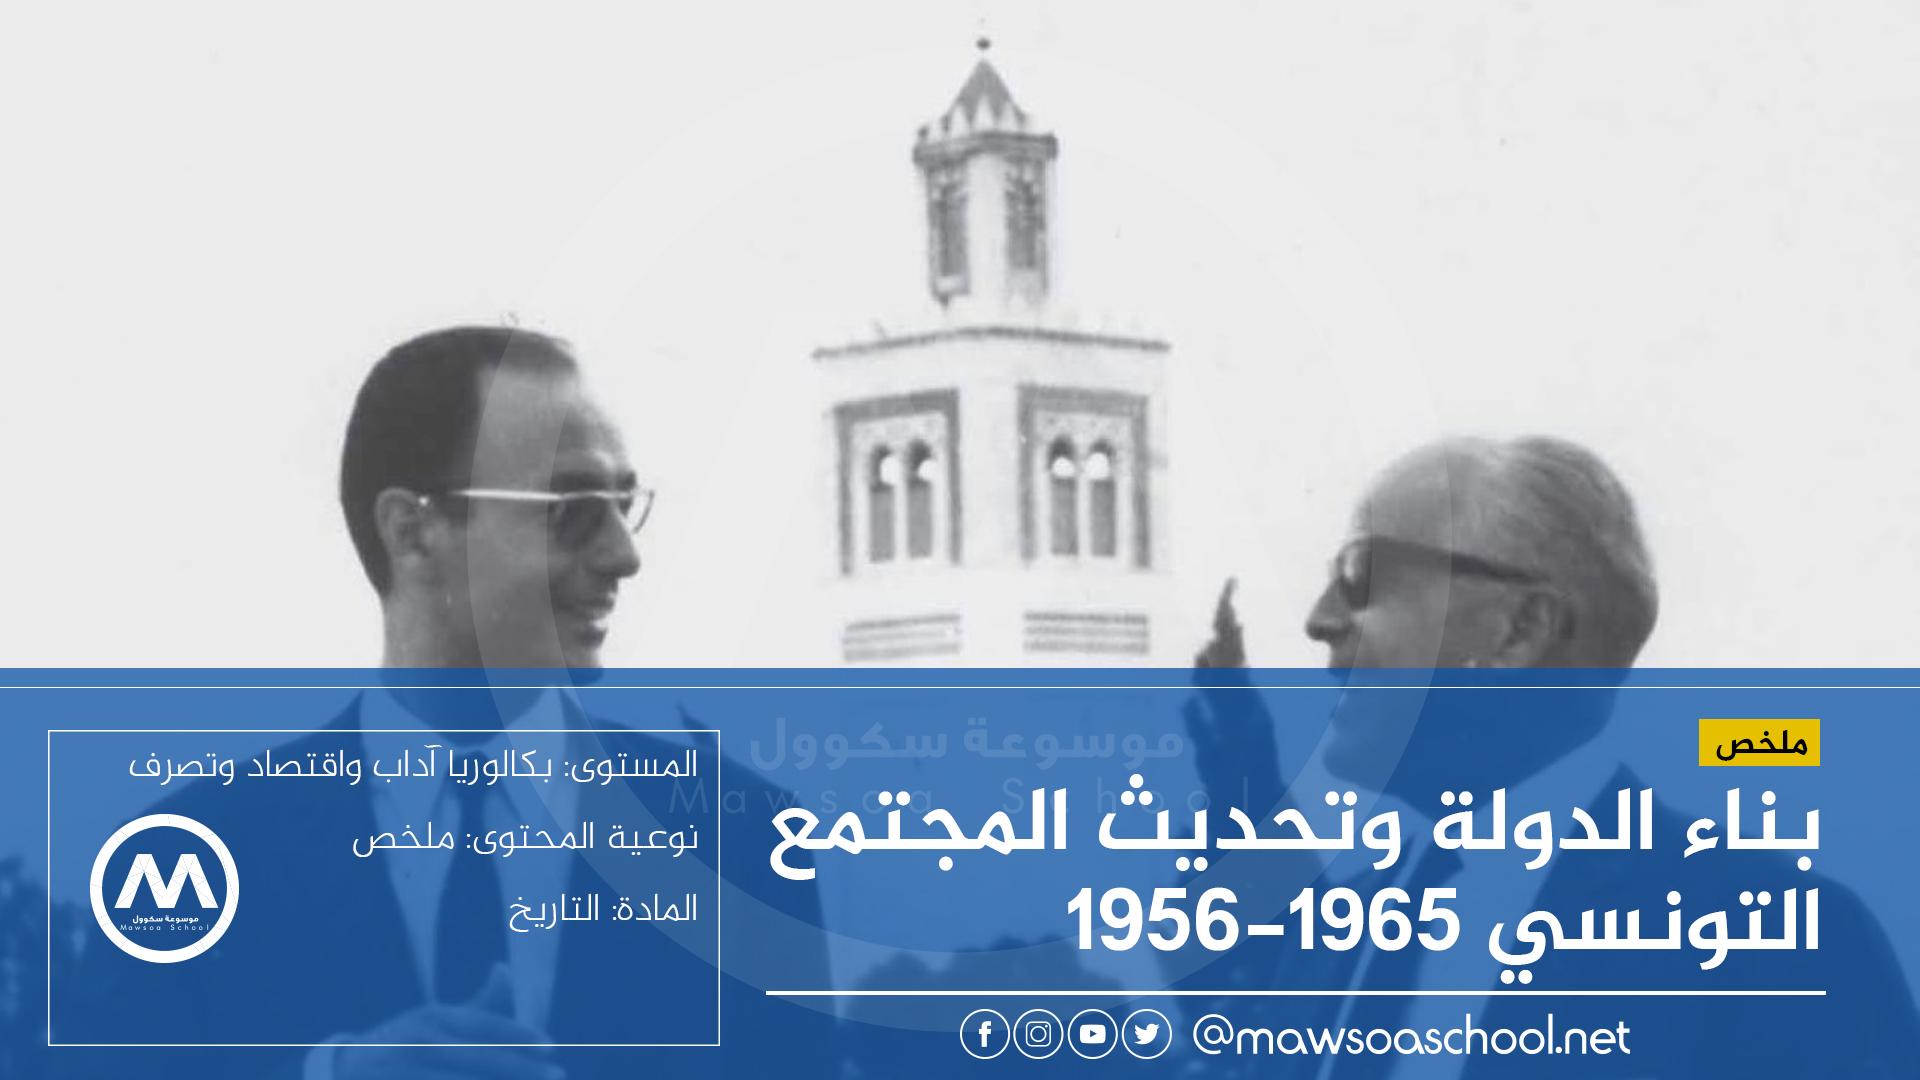 بناء الدولة وتحديث المجتمع التونسي 1956-1965 - التاريخ - بكالوريا آداب واقتصاد تصرف